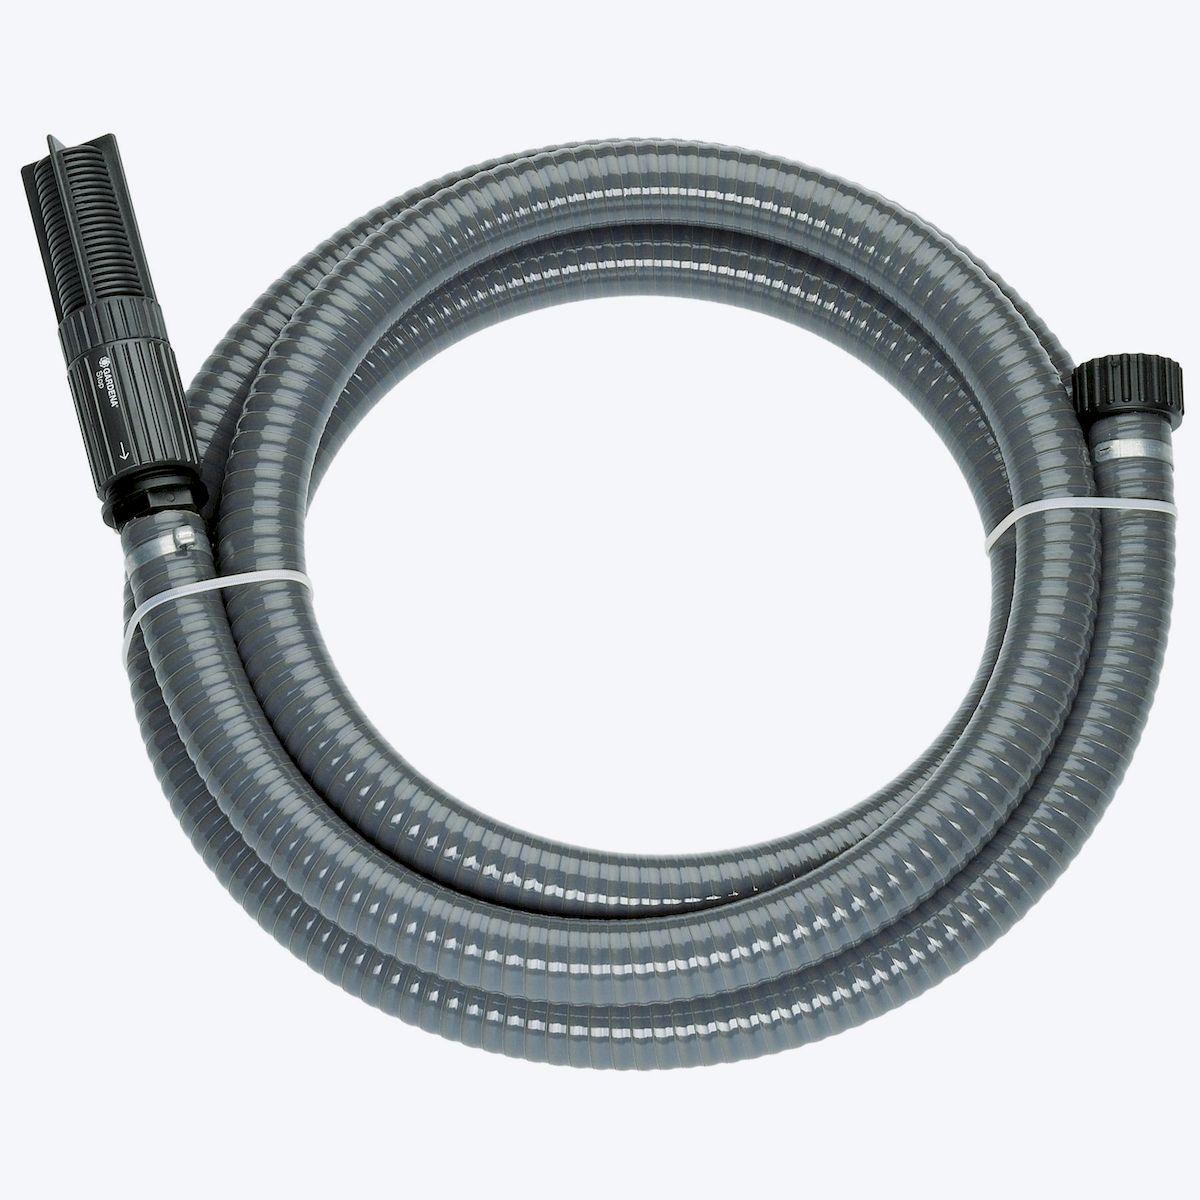 Шланг Gardena, заборный, с насосом и фильтром, диаметр 25 мм, длина 7 м96281496Заборный шланг Gardena используется в комплекте с насосом. Шланг спирально-армирован, что увеличивает его прочностные характеристики. Фильтр, встроенный в шланг, защищает насос от загрязнения, что в конечном счете сказывается на сроке службы насоса. Также в конструкции заборного шланга имеется обратный клапан, благодаря которому при повторном включении время всасывания заметно сокращается. Все соединяющие элементы гарантируют герметичное соединение. Подходит для насосов с наружной резьбой 33,3 мм (G 1).Длина шланга: 7 м.Диаметр шланга: 25 мм.